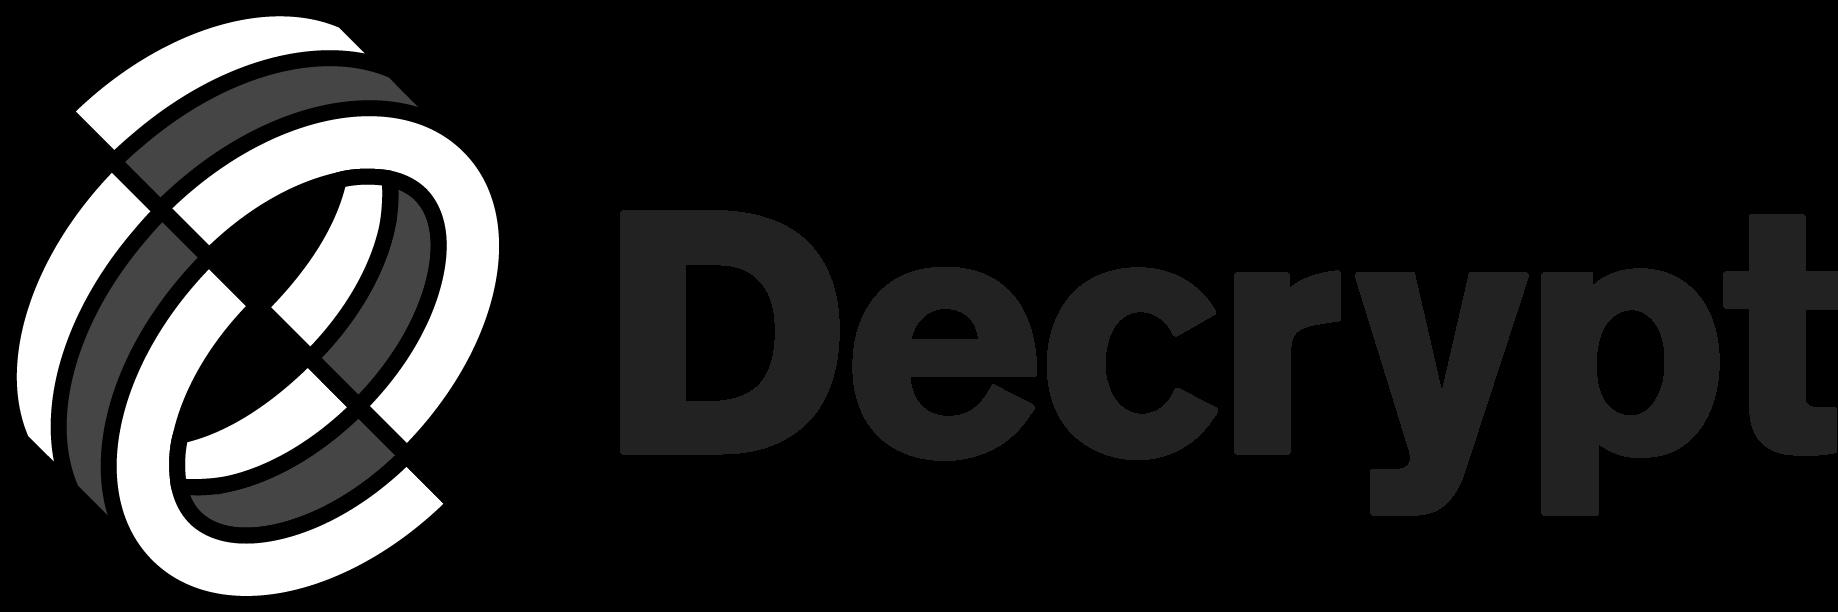 decrypt-wordmark